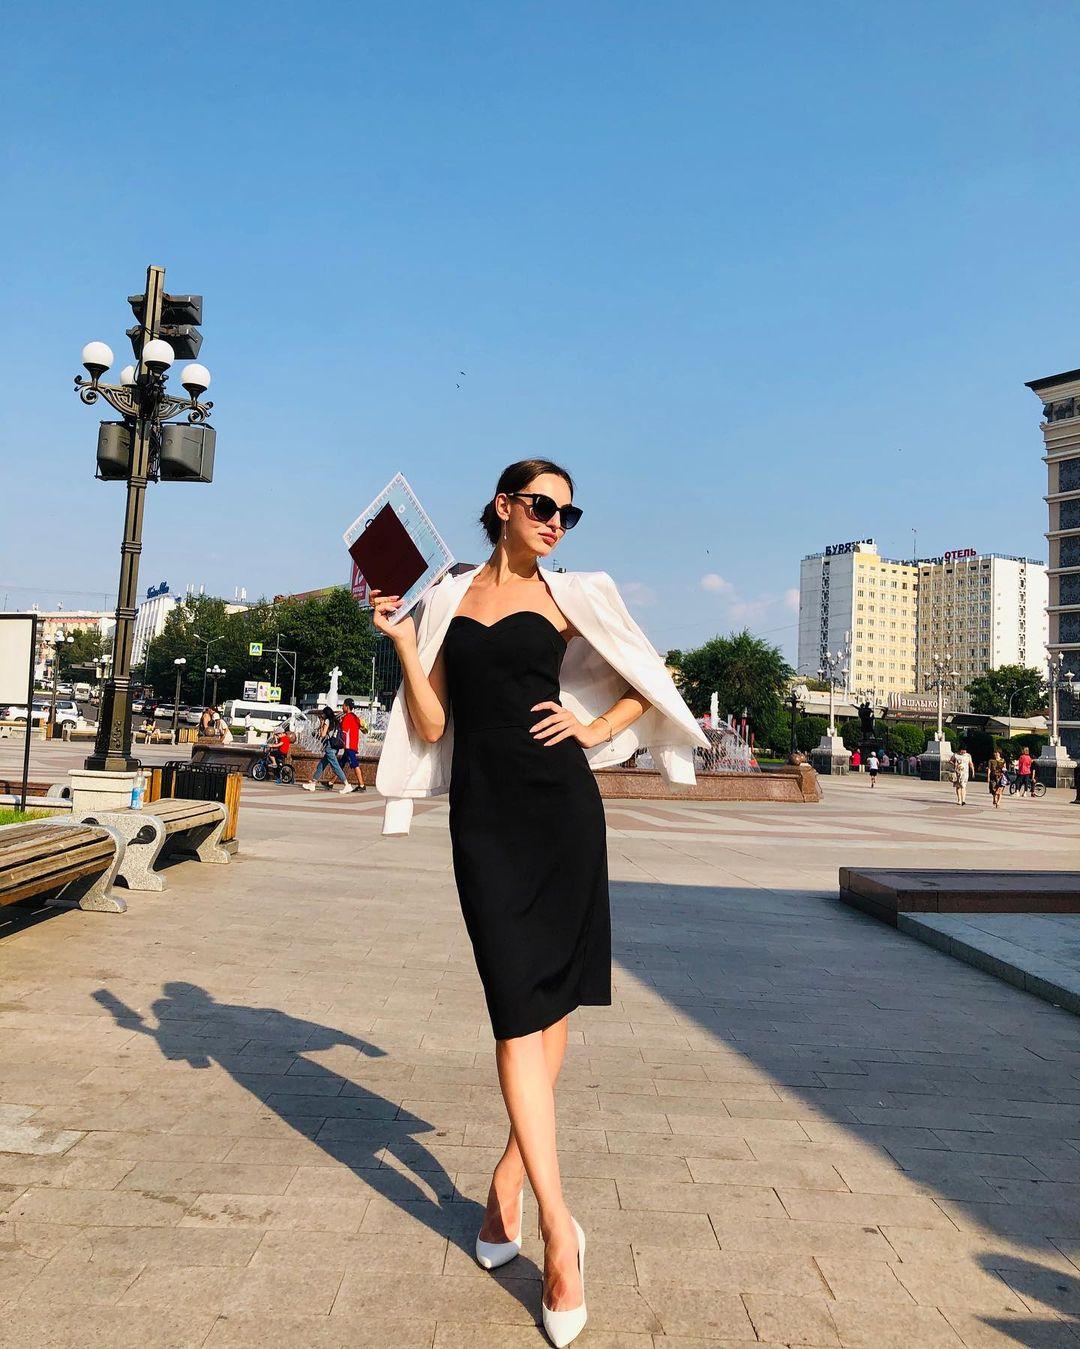 Работа девушке моделью северобайкальск сергей миронов фотограф